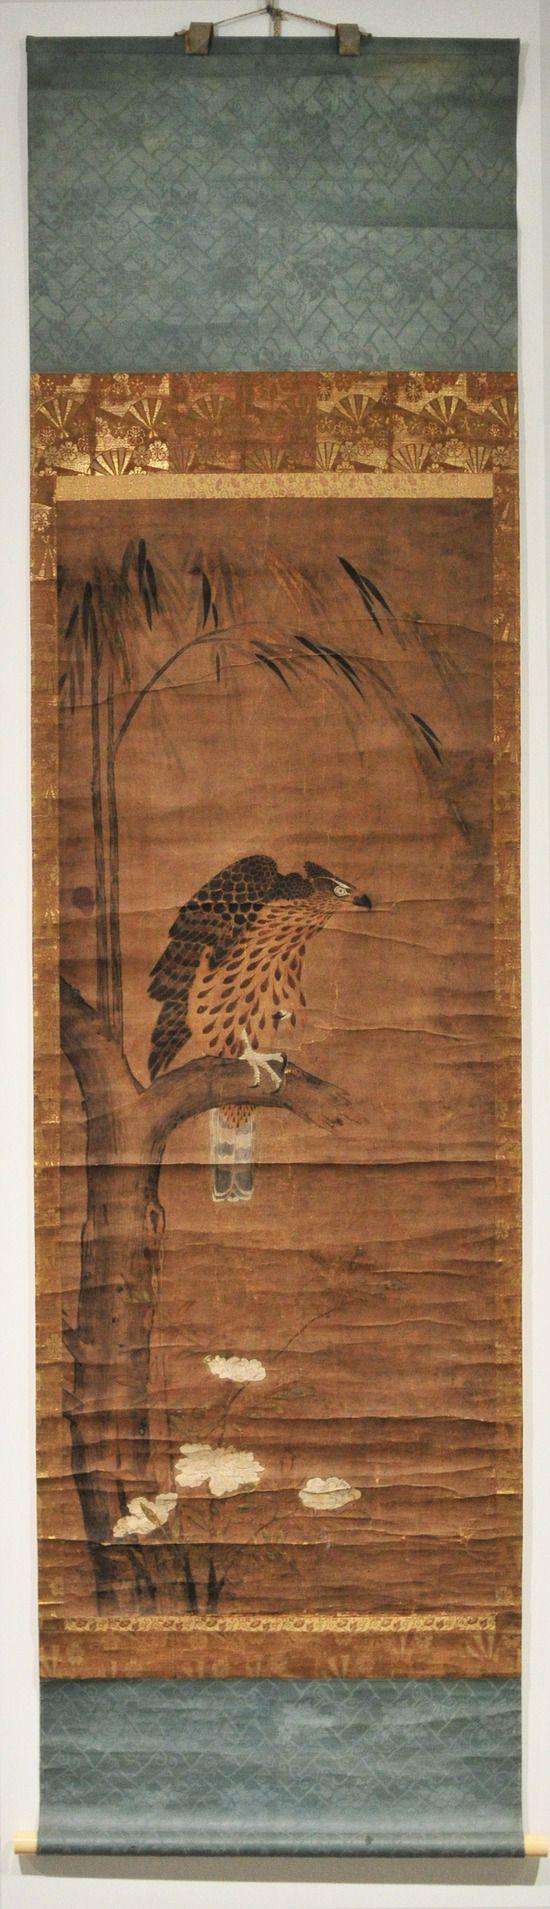 한국에 있는 일본 문화재/국내에 있는 문화재급 일본 서화 #01 마스터피스컬렉션( mpcollection.com )이 소장한 일본 고서화입니다.